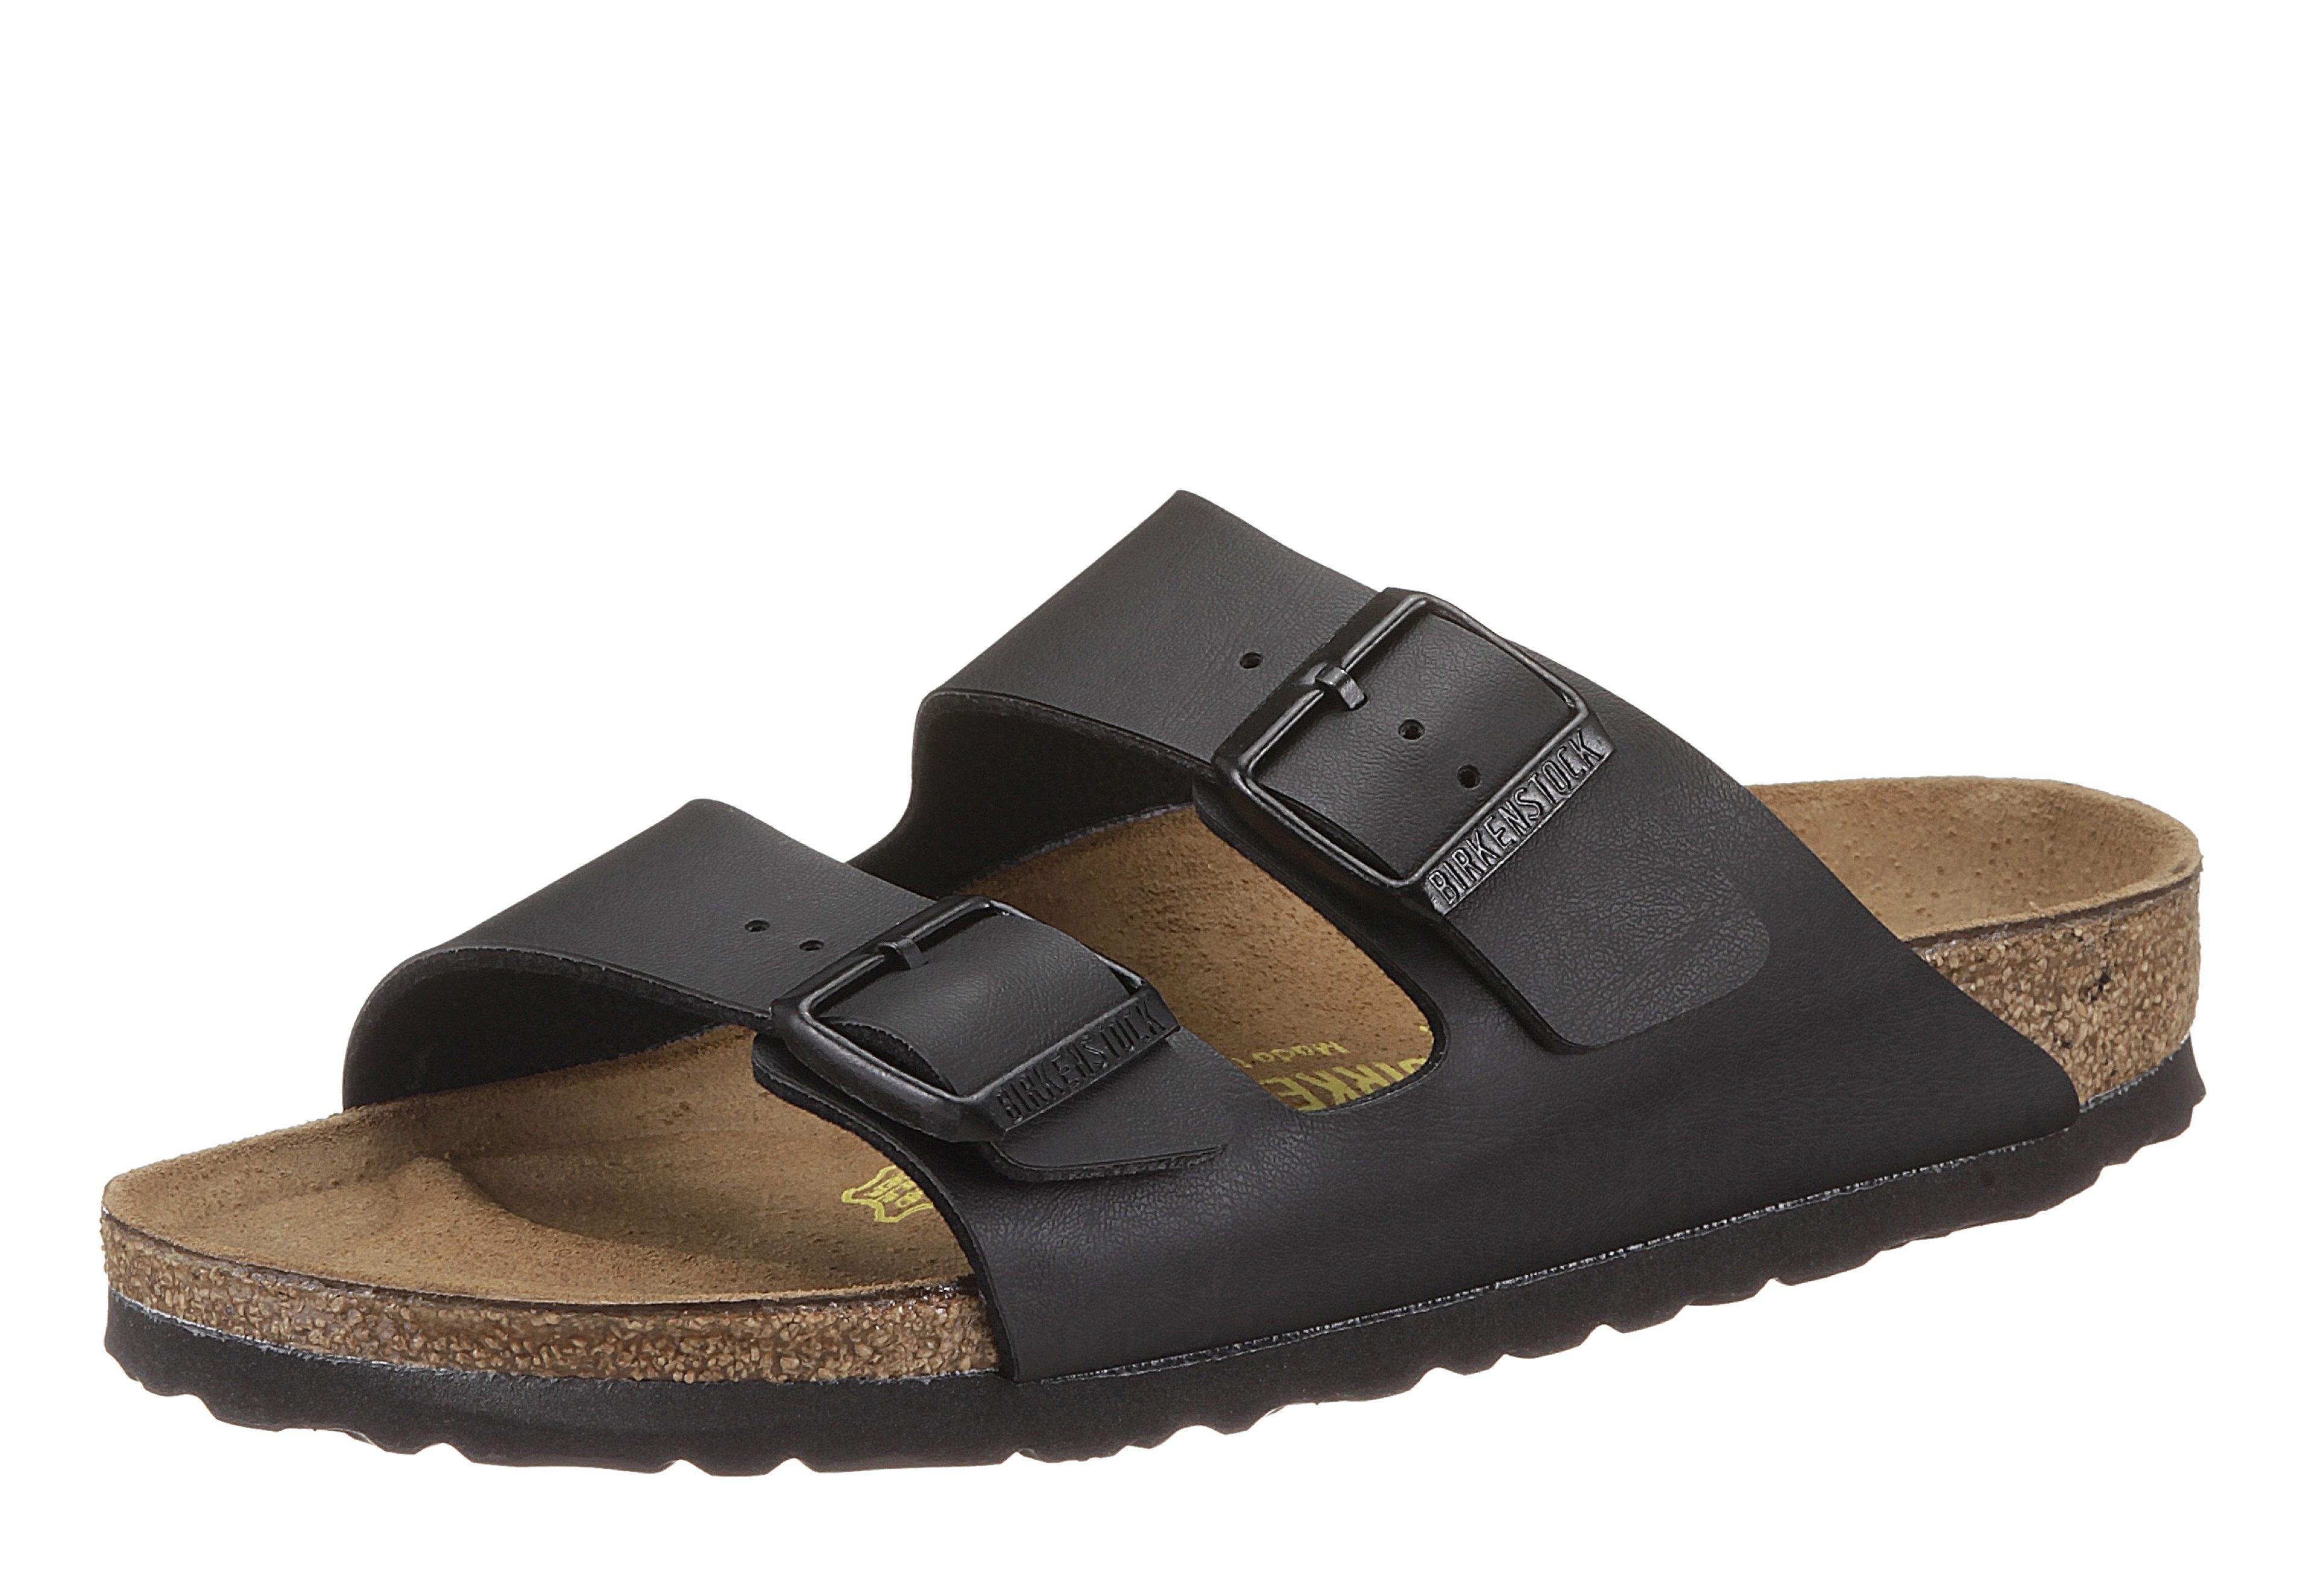 Birkenstock »ARIZONA BF« Pantolette mit ergonomisch geformtem Fußbett online kaufen   OTTO